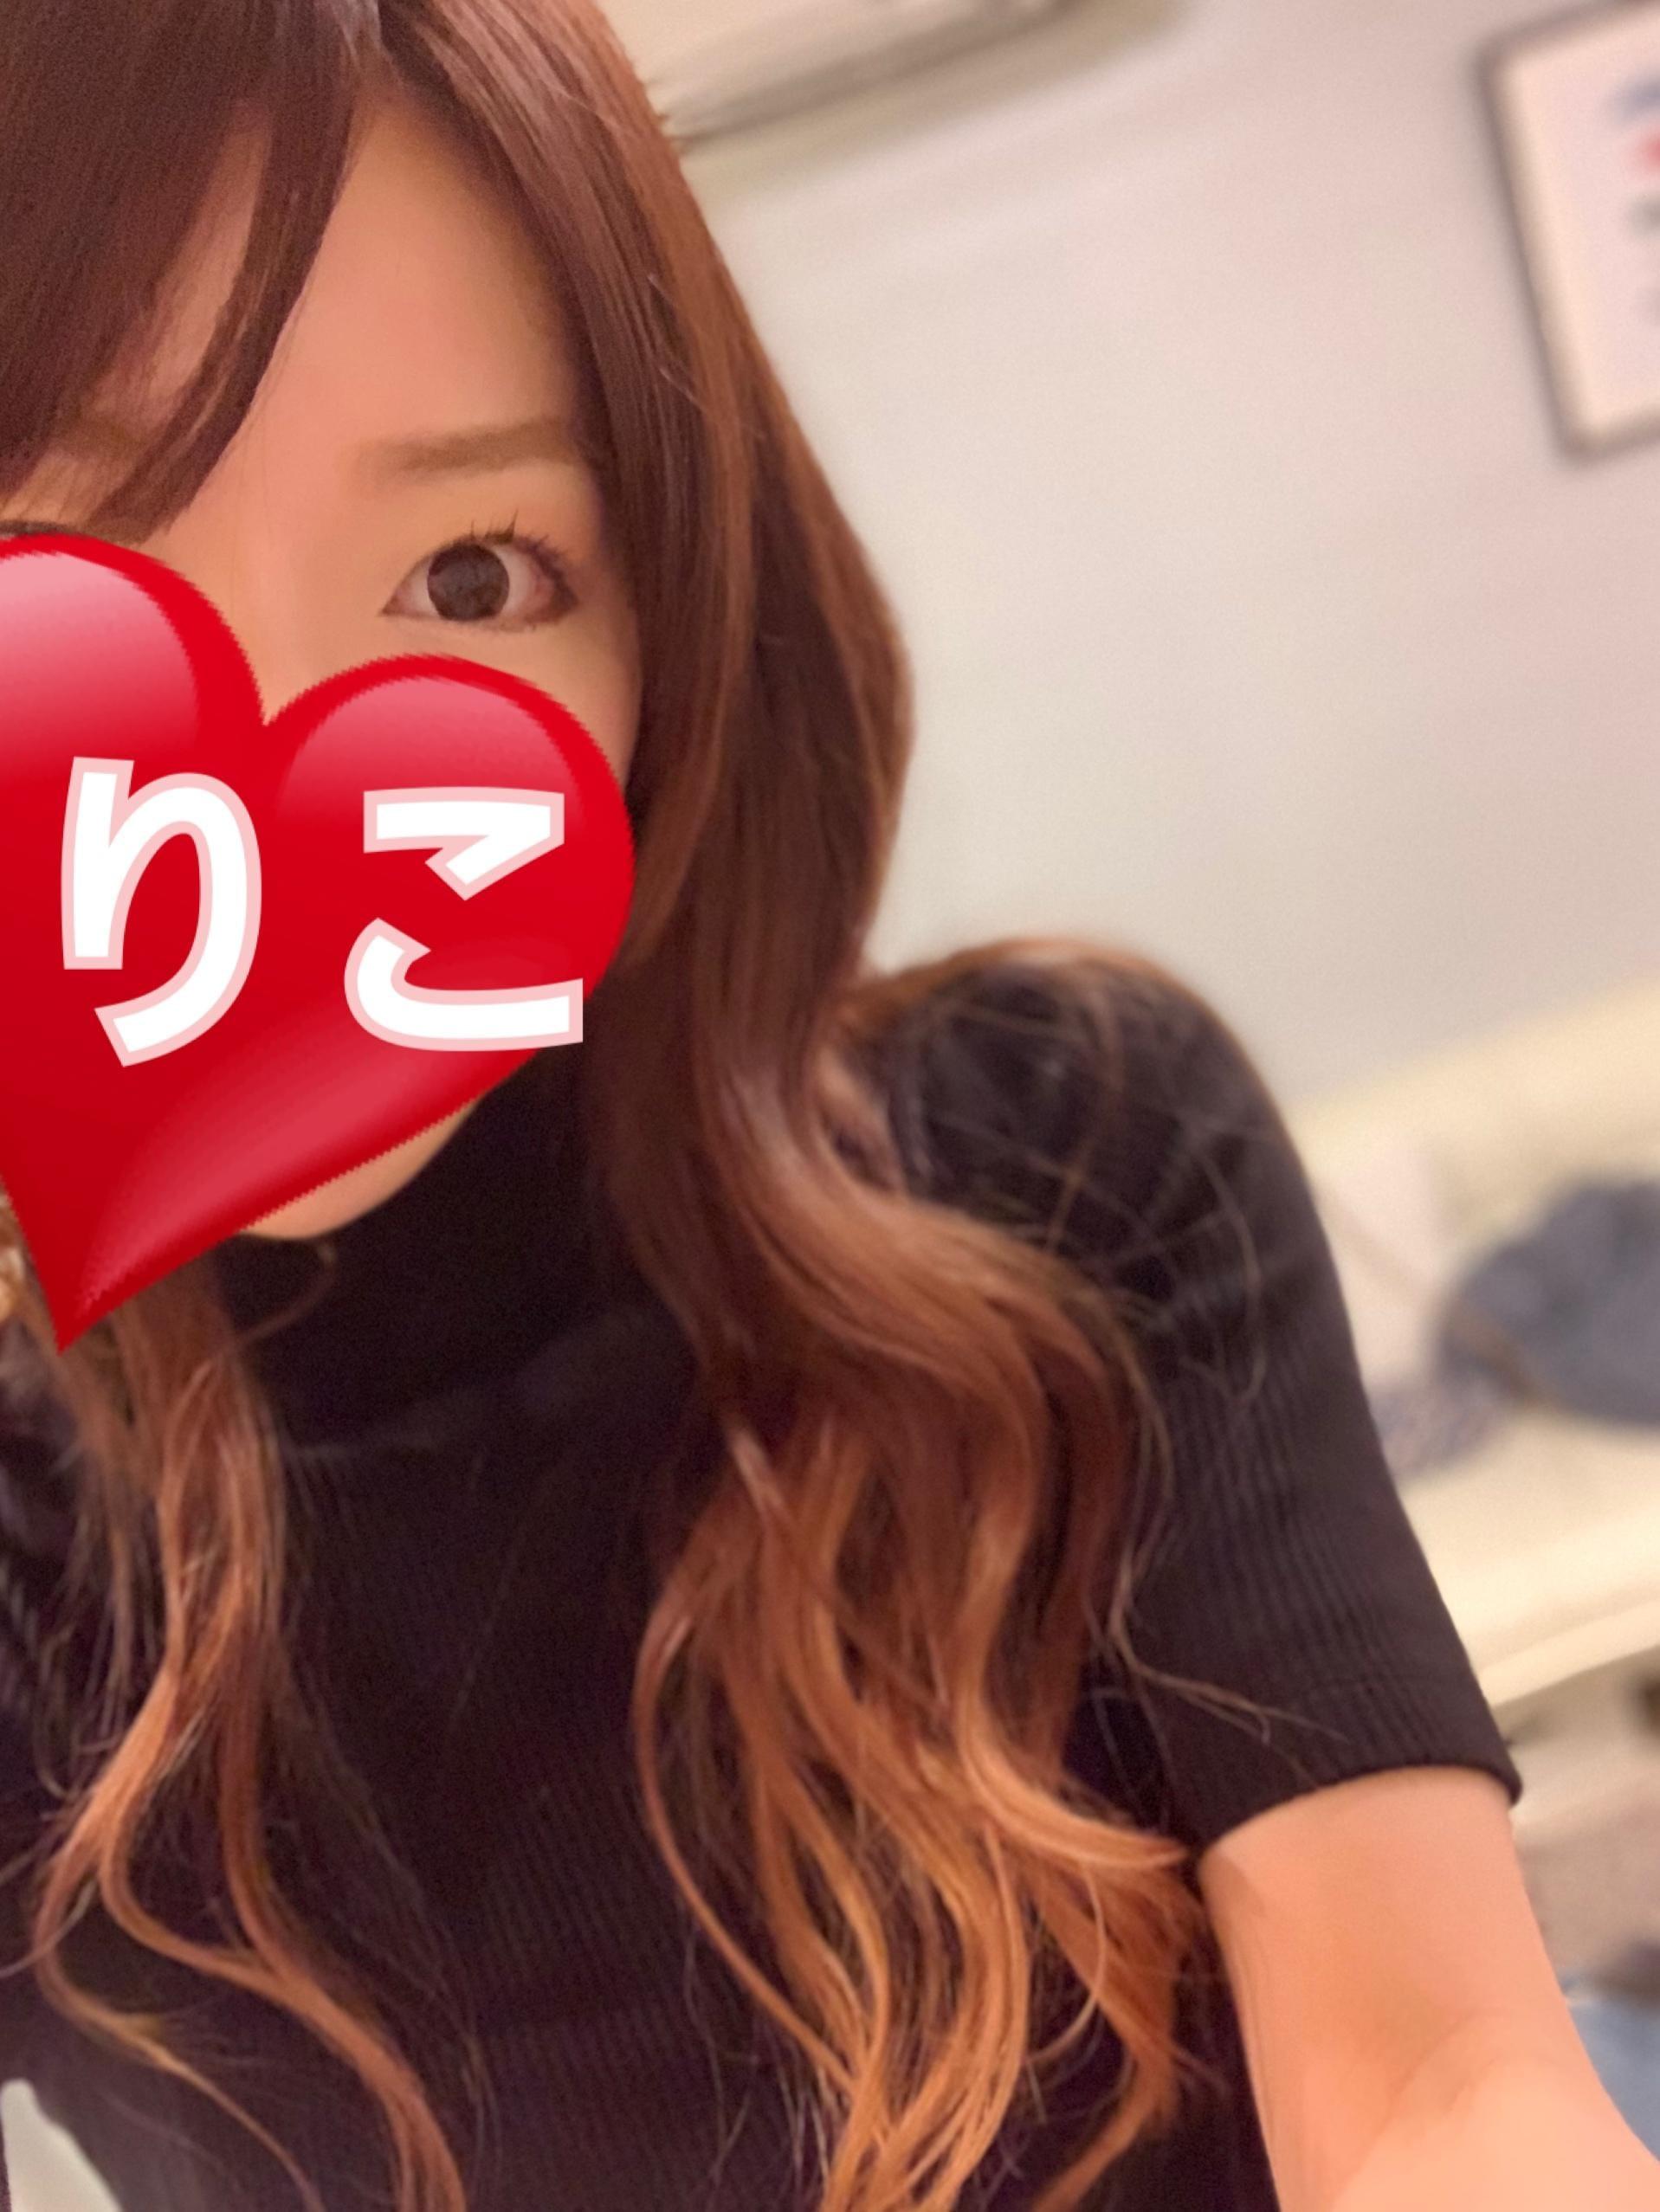 「八王子どらいぶ」10/10(10/10) 19:06 | りこの写メ・風俗動画